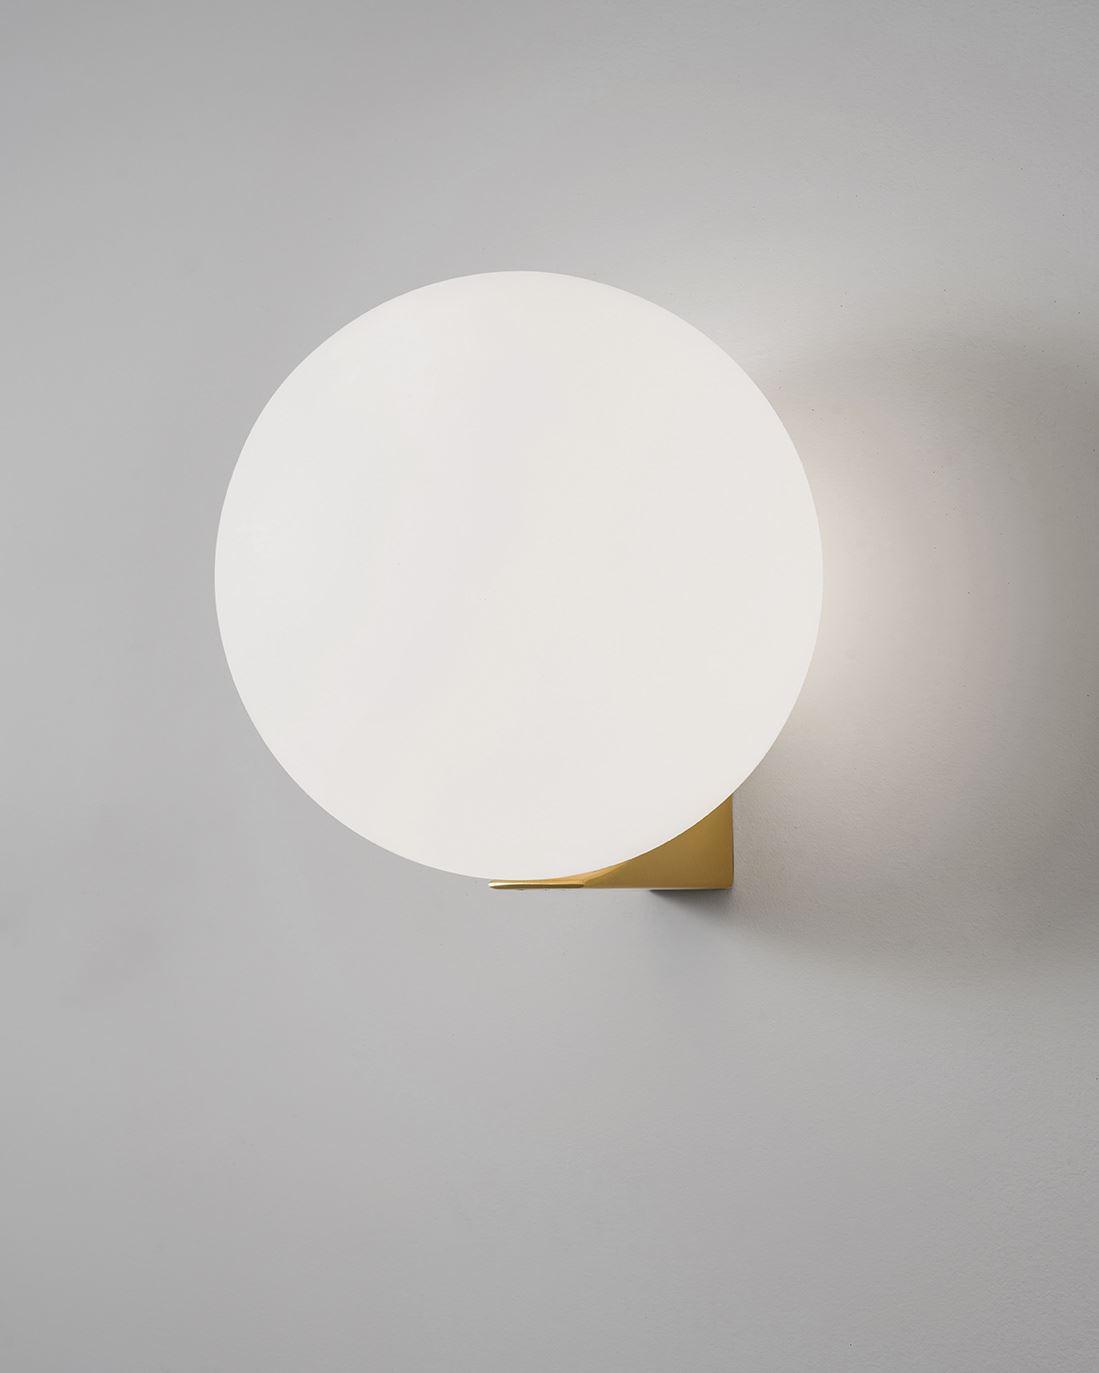 גופי תאורה בקטגוריית: צילינדרים  ,שם המוצר: FREEZE